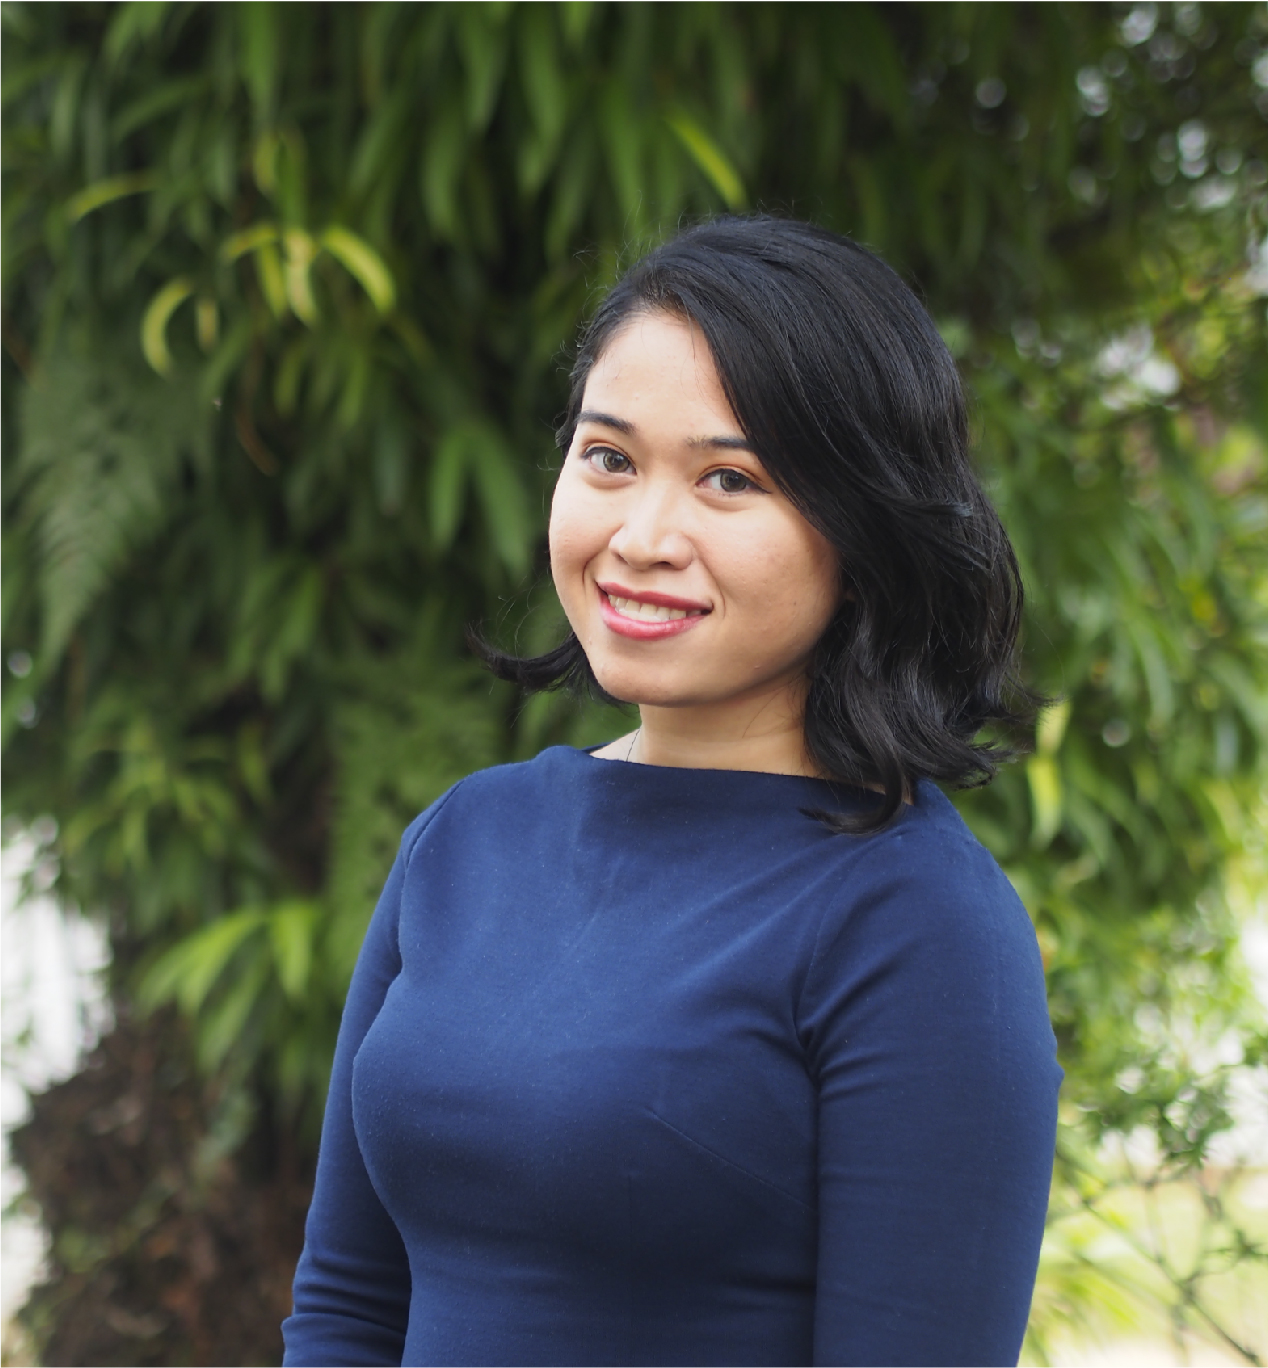 Natasha Amaliena Binte Jusri